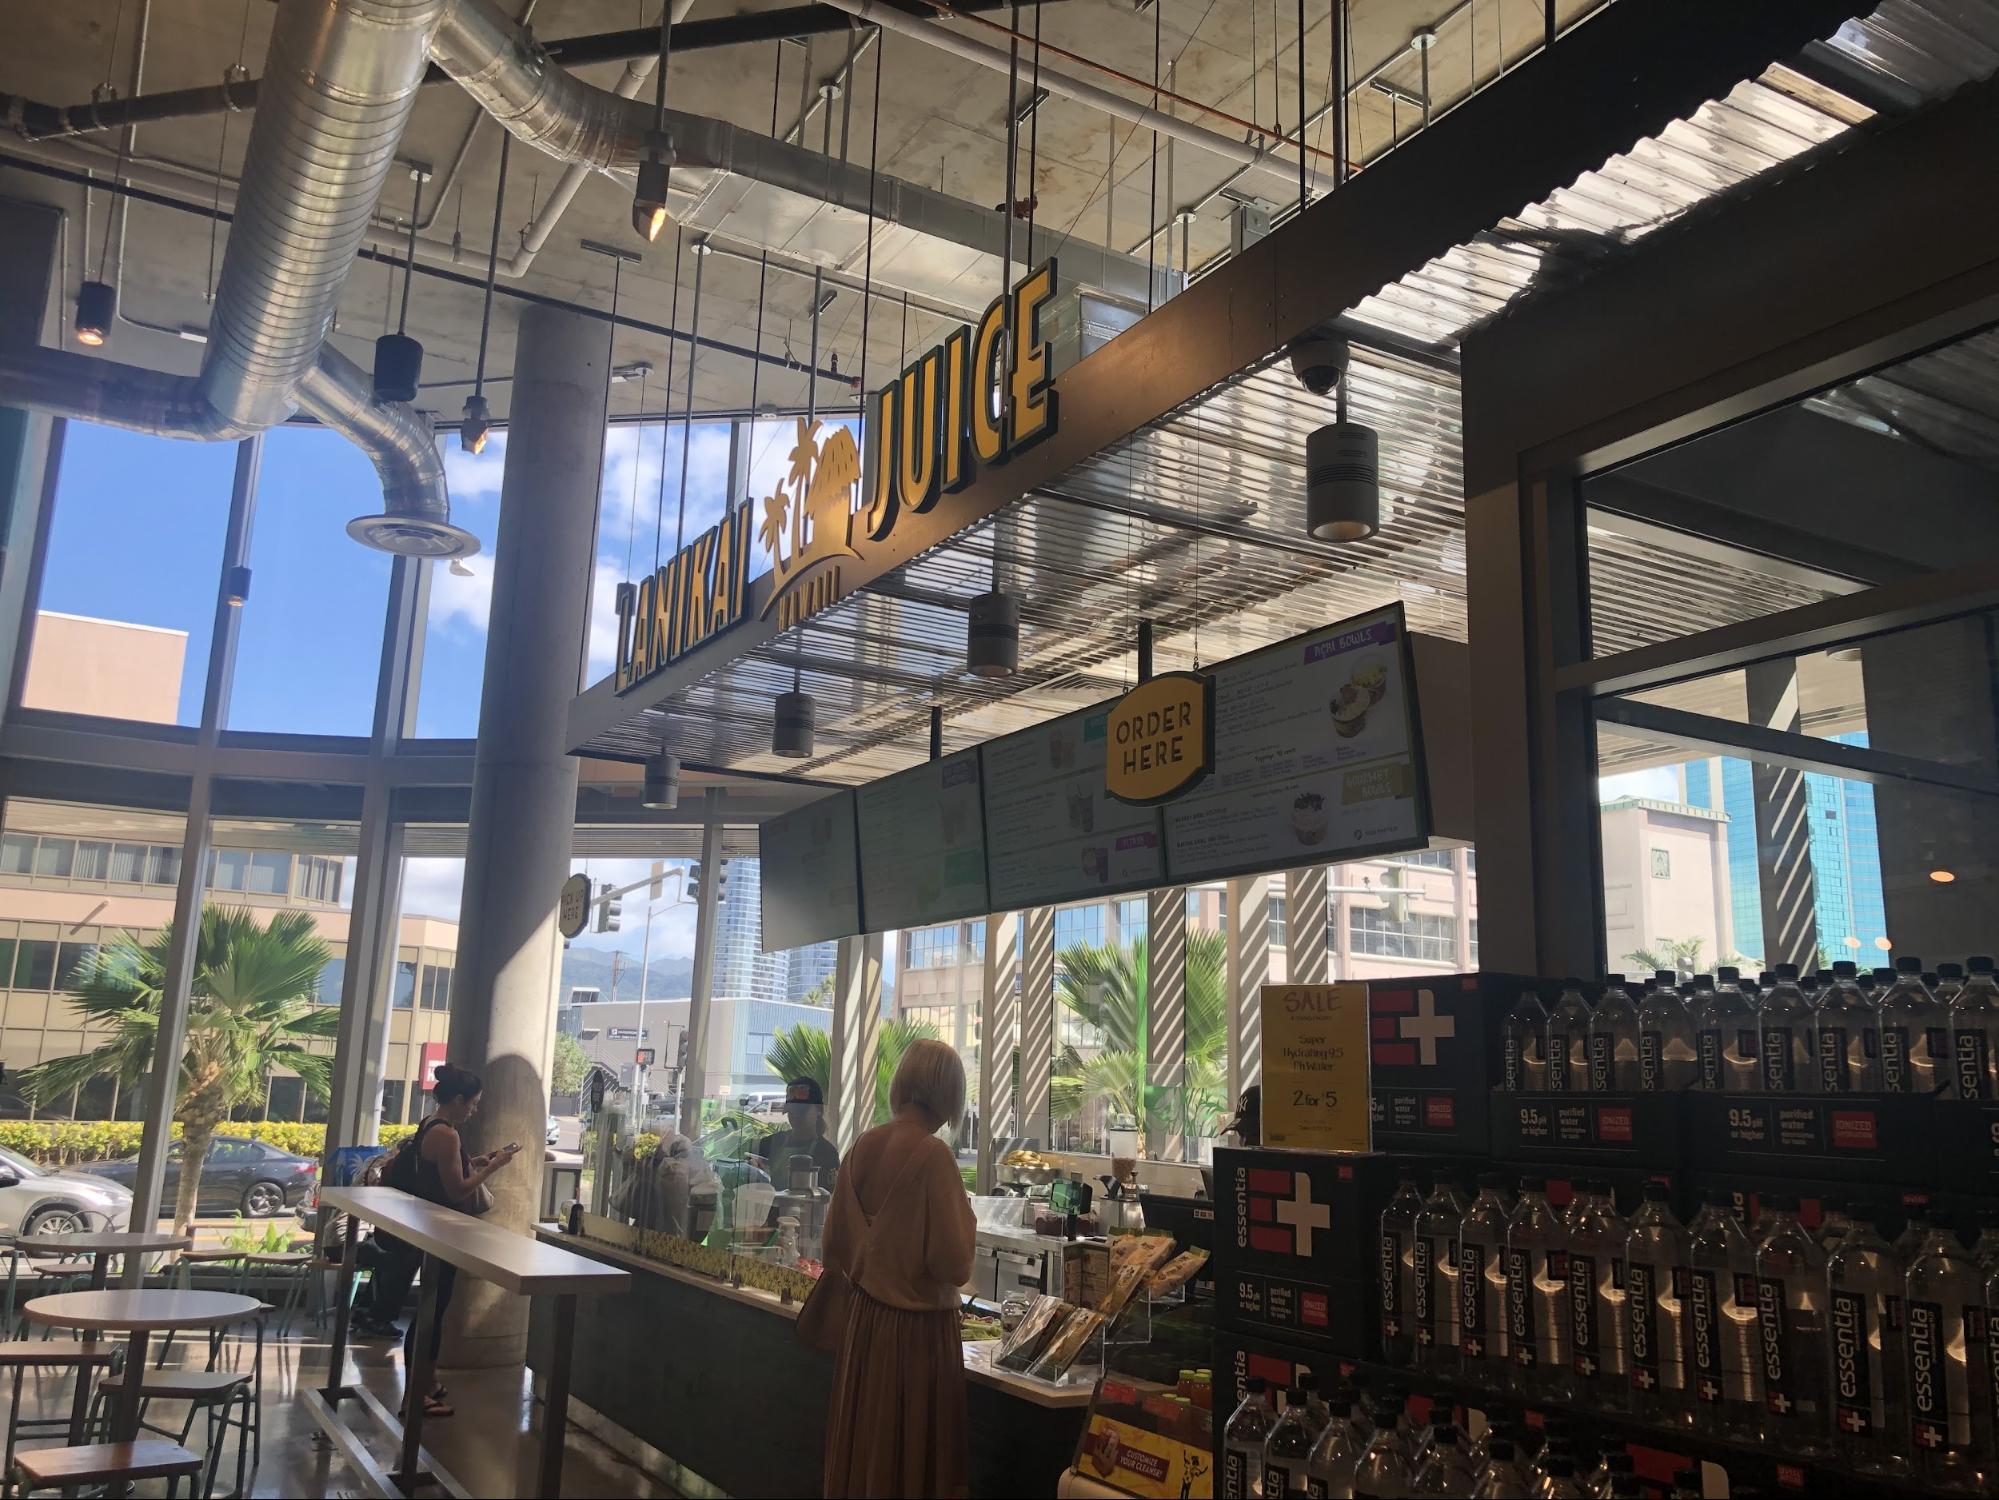 ハワイ・ホールフーズの飲食店/フードコートグルメ・ラニカイジュース